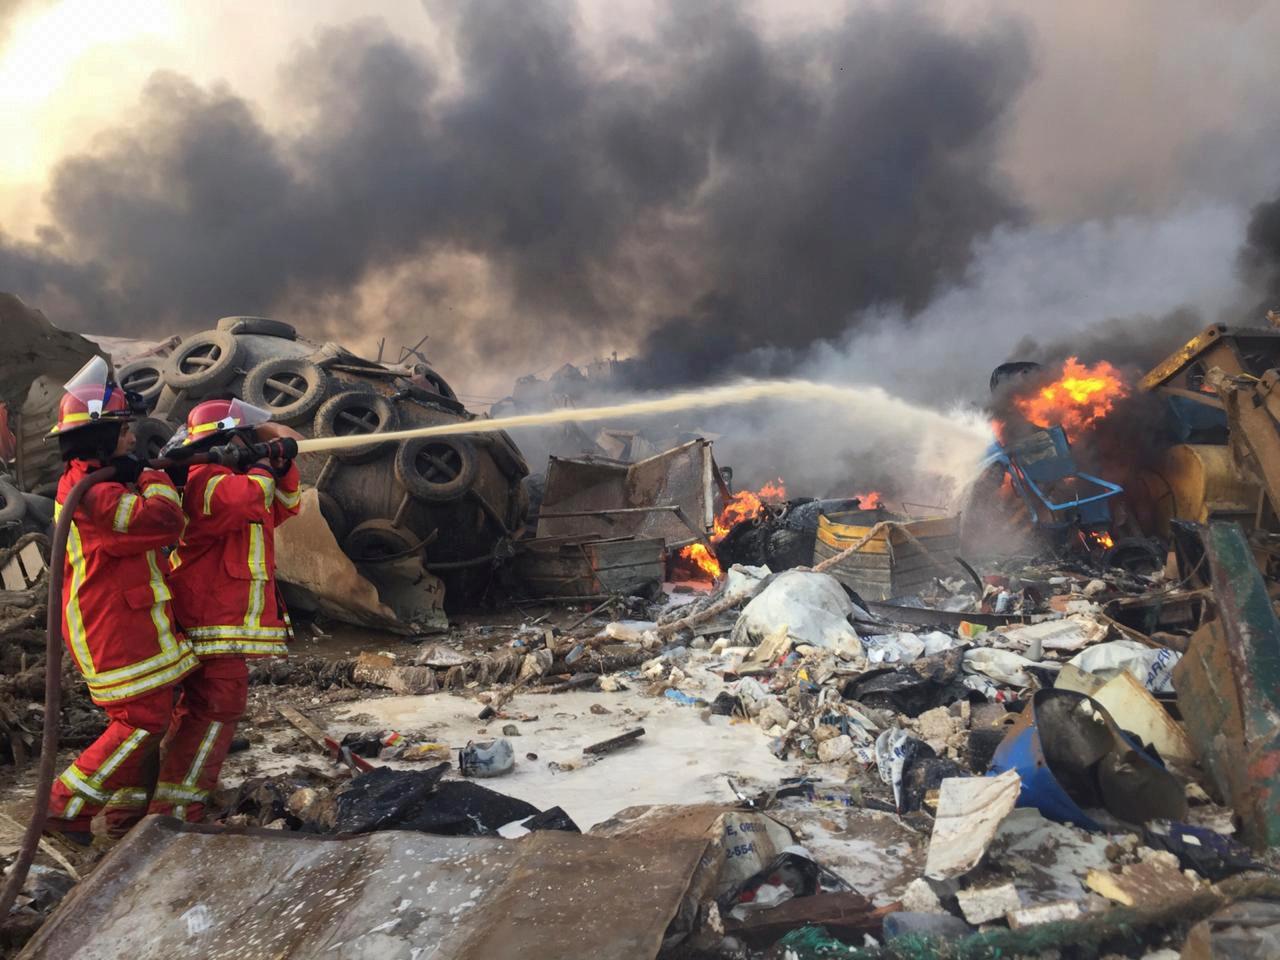 Πρόεδρος Λιβάνου: Αδύνατο η έκρηξη στο λιμάνι της Βηρυτού να πυροδοτήθηκε από αποθήκη όπλων της Χεζμπολάχ